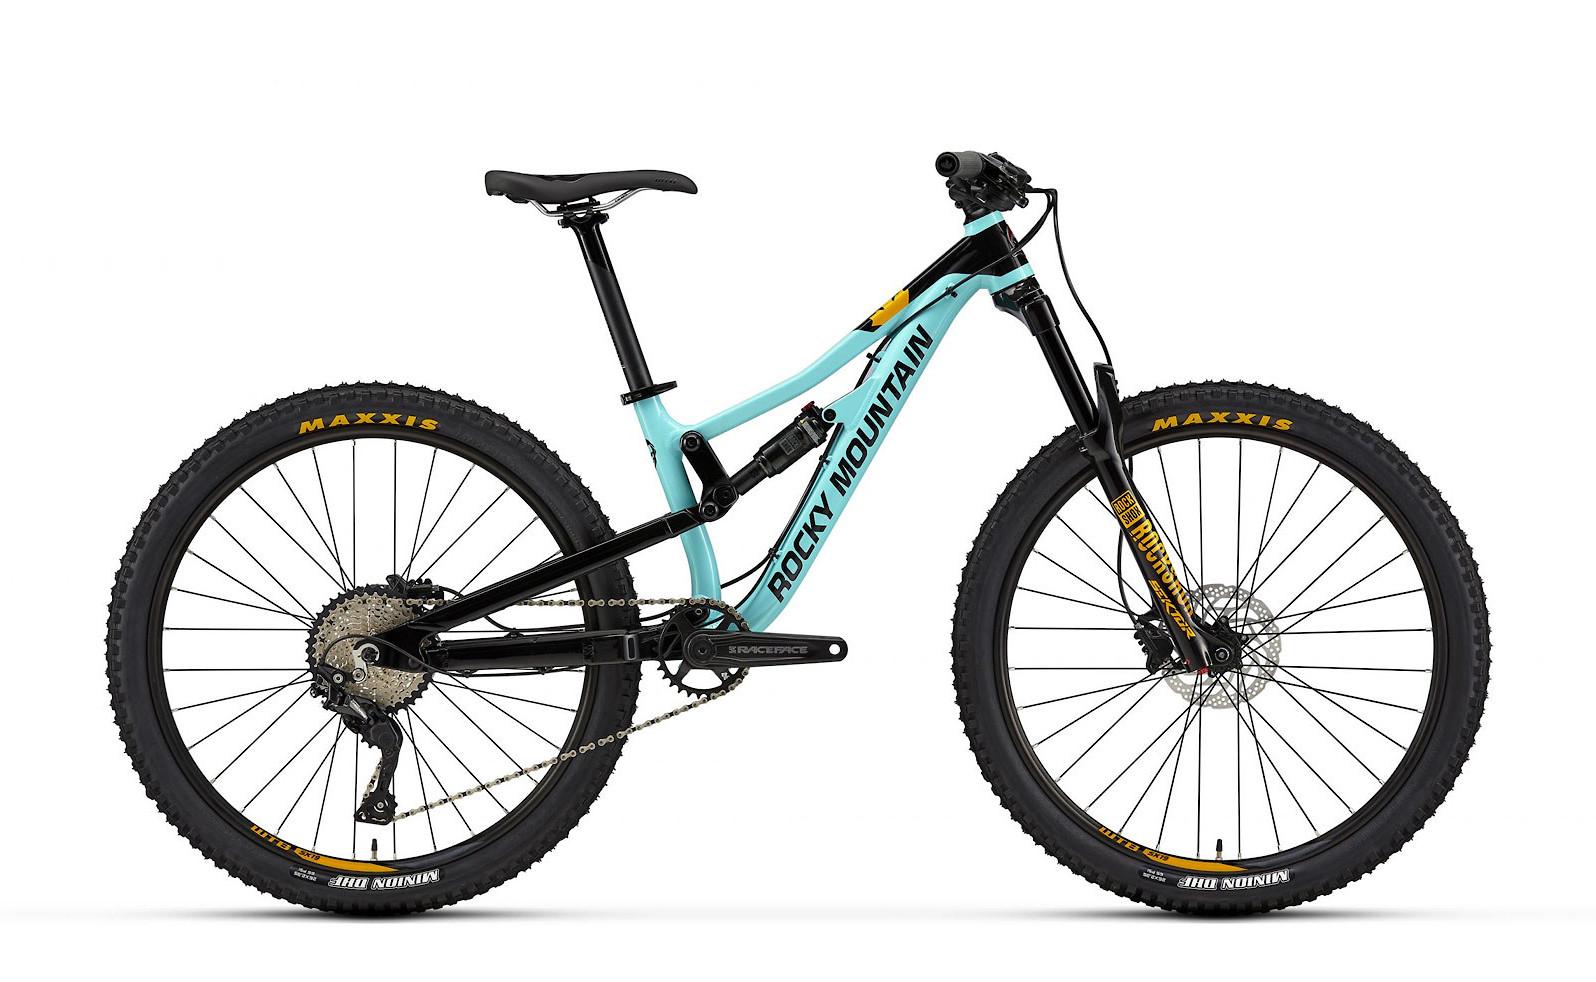 2019 Rocky Mountain Reaper 26 Bike